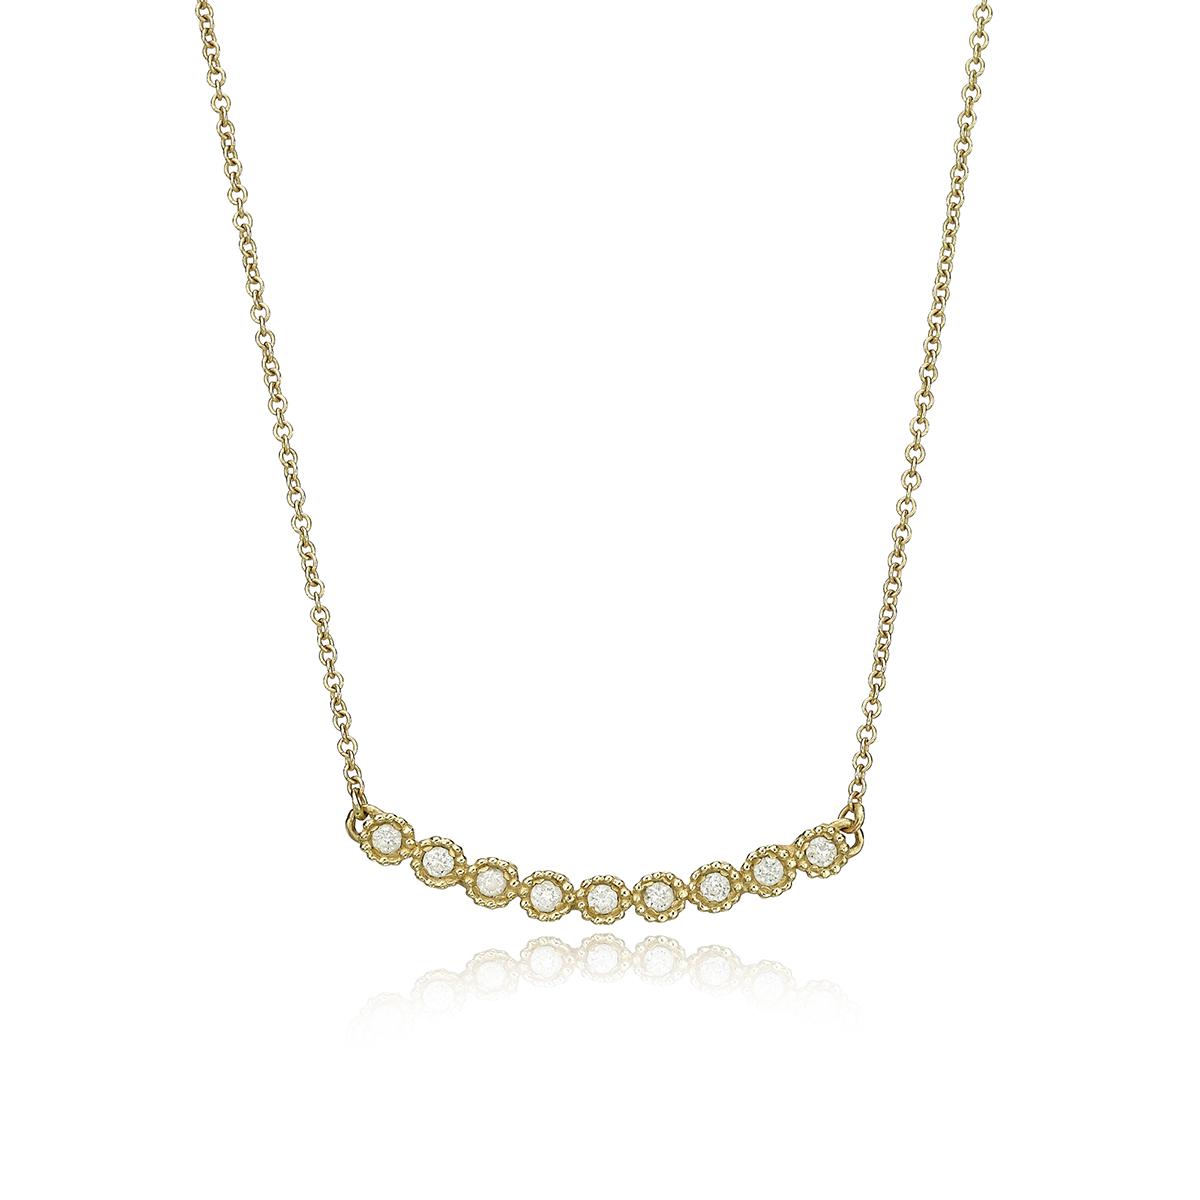 שרשרת זהב ושורת יהלומים אופקית